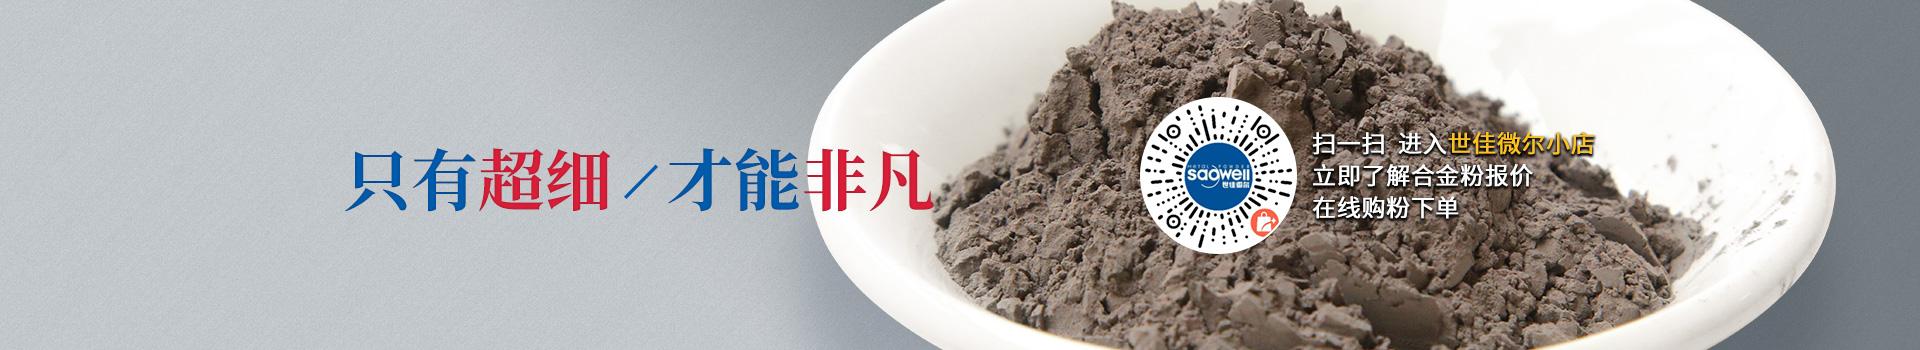 世佳微尔超细合金粉,因为超细所以更值